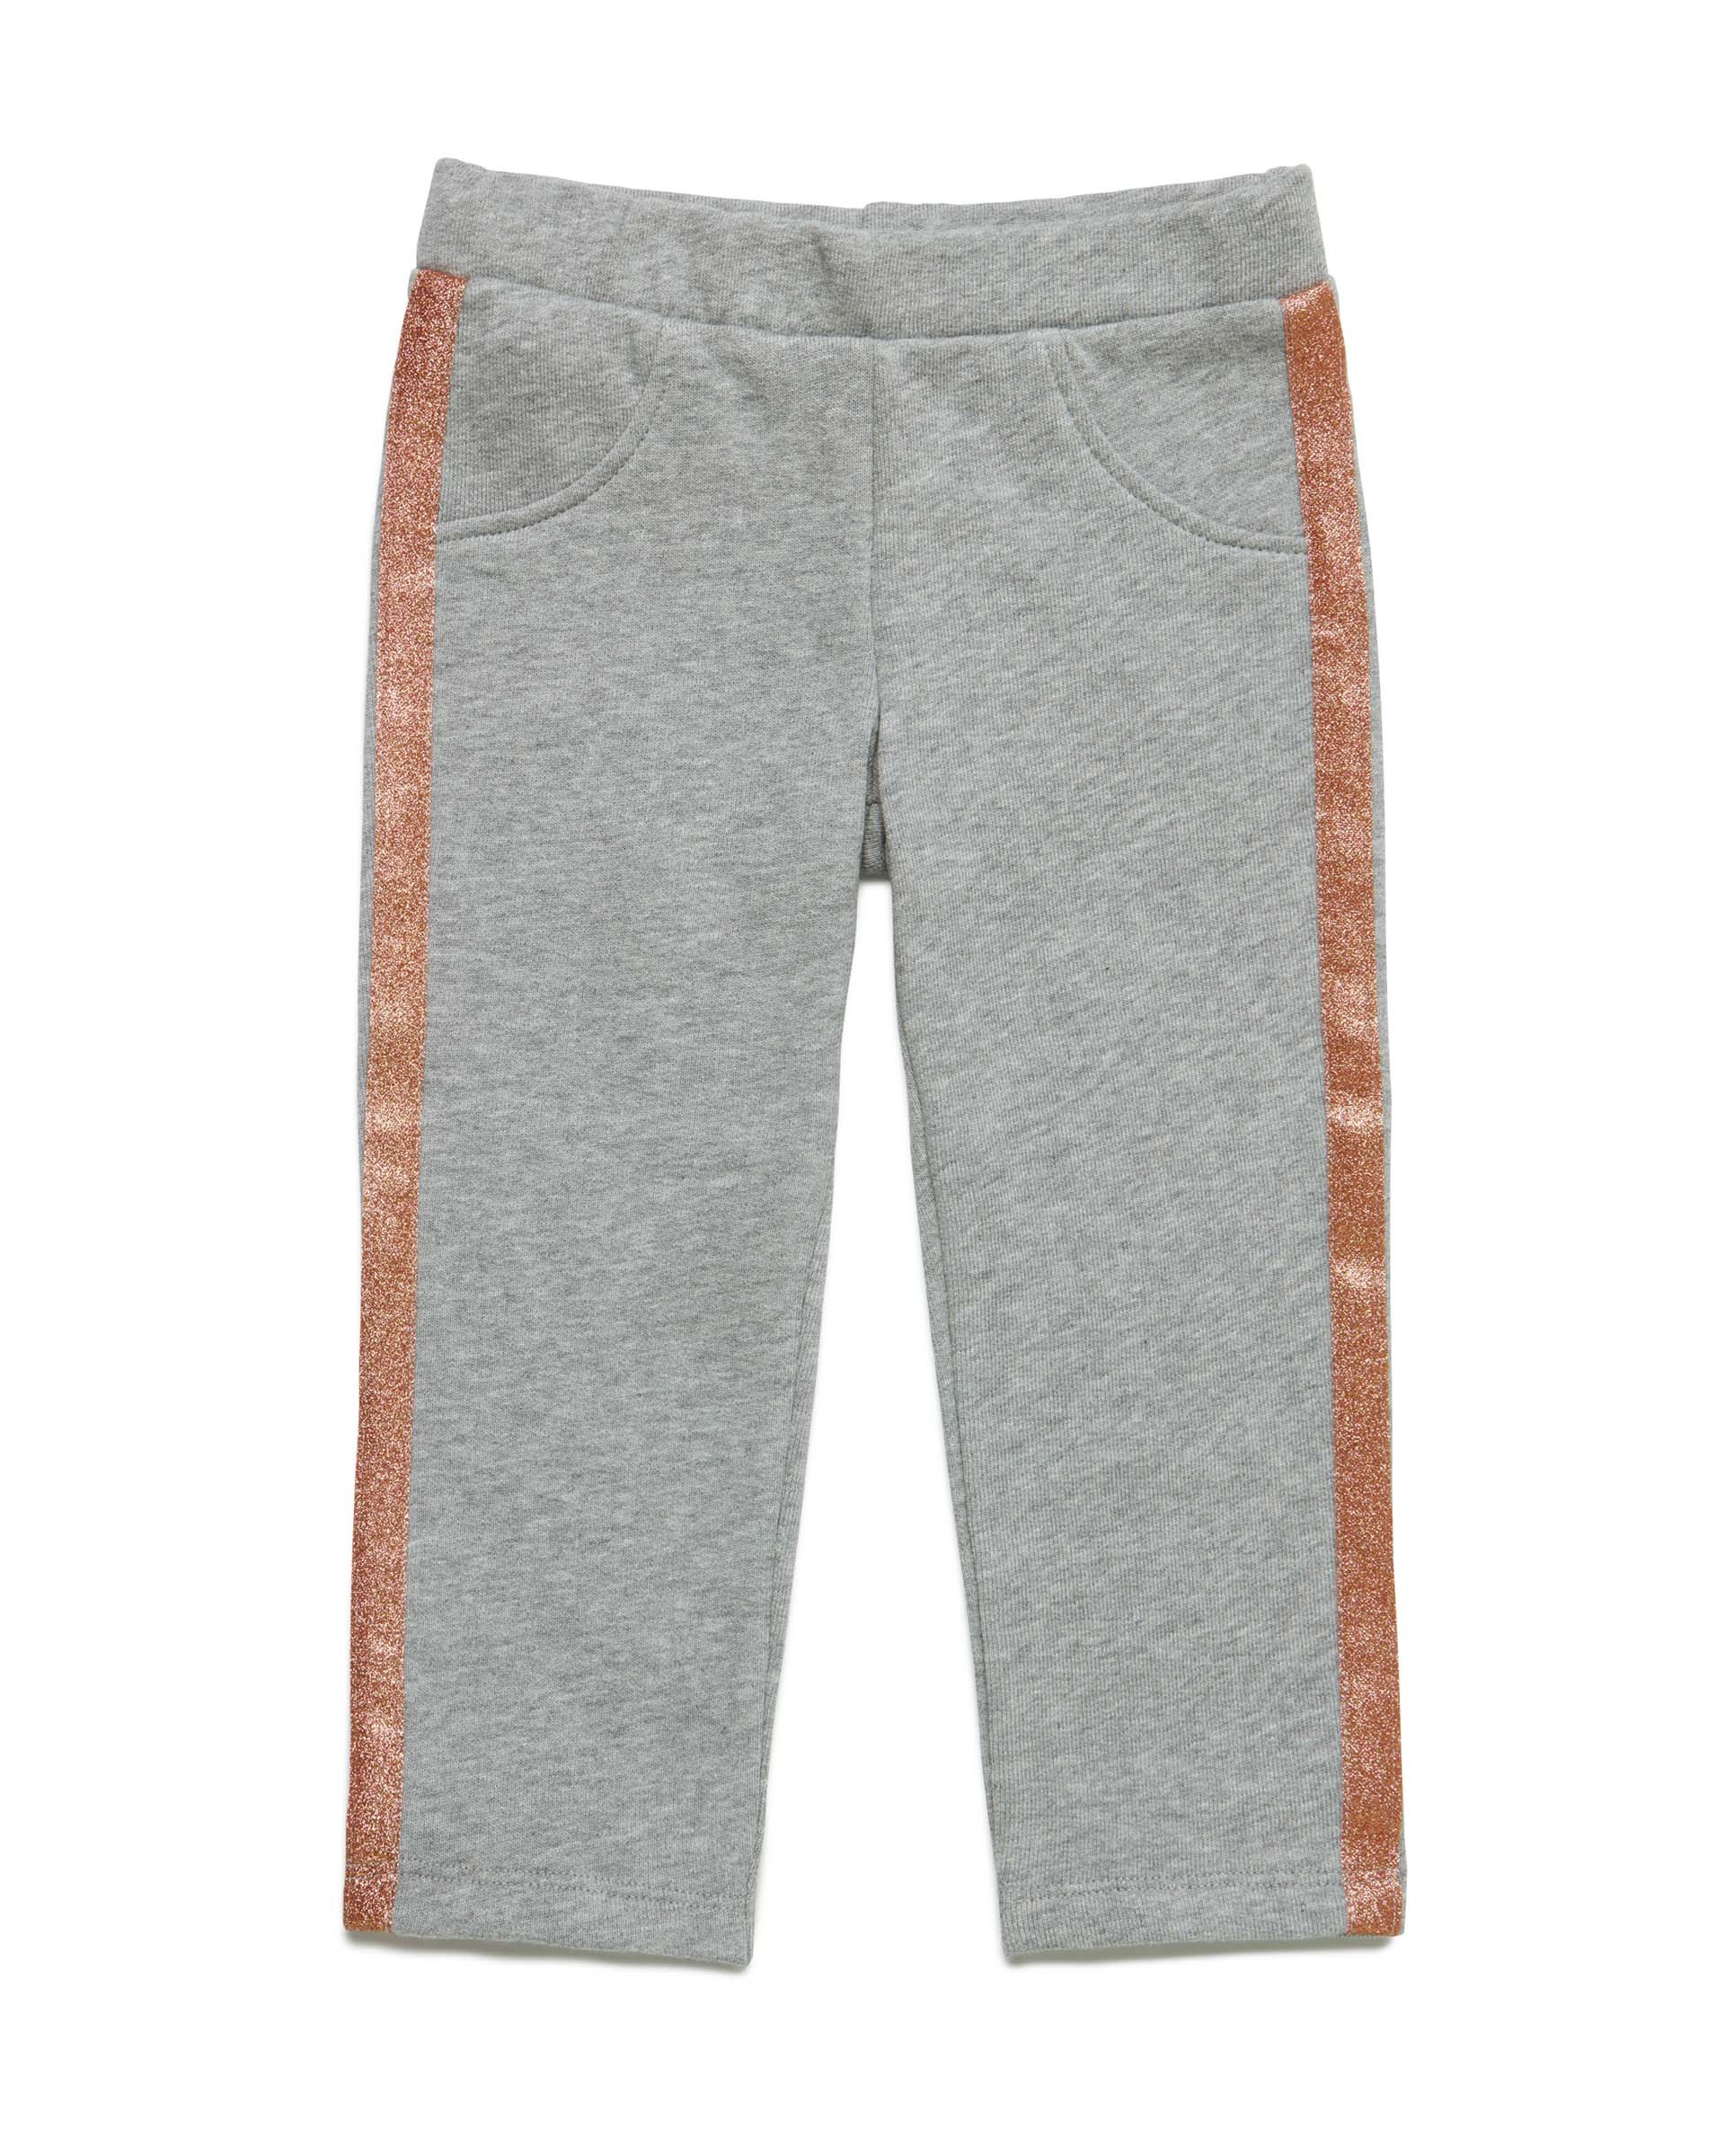 20P_3J68I02DP_501, Спортивные брюки для девочек Benetton 3J68I02DP_501 р-р 80, United Colors of Benetton, Шорты и брюки для новорожденных  - купить со скидкой